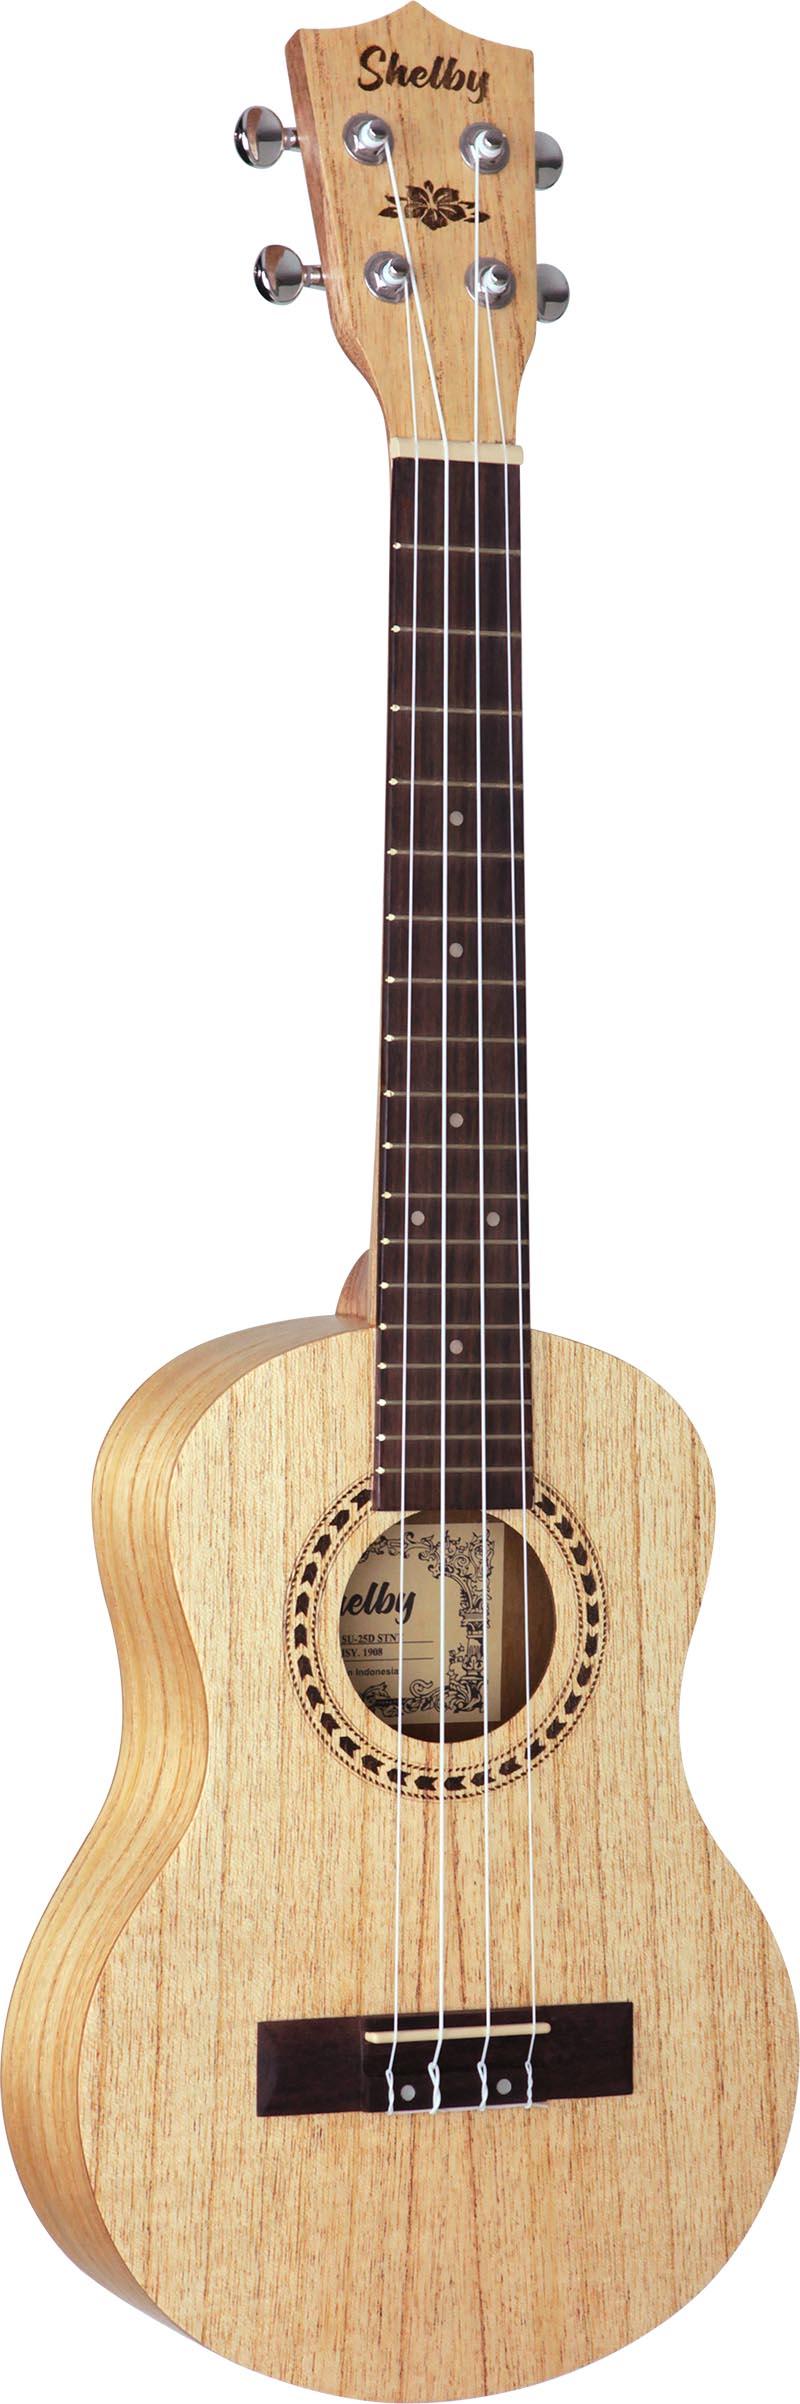 su25d ukulele tenor shelby su25d stnt cedro branco acetinado visao frontal vertical